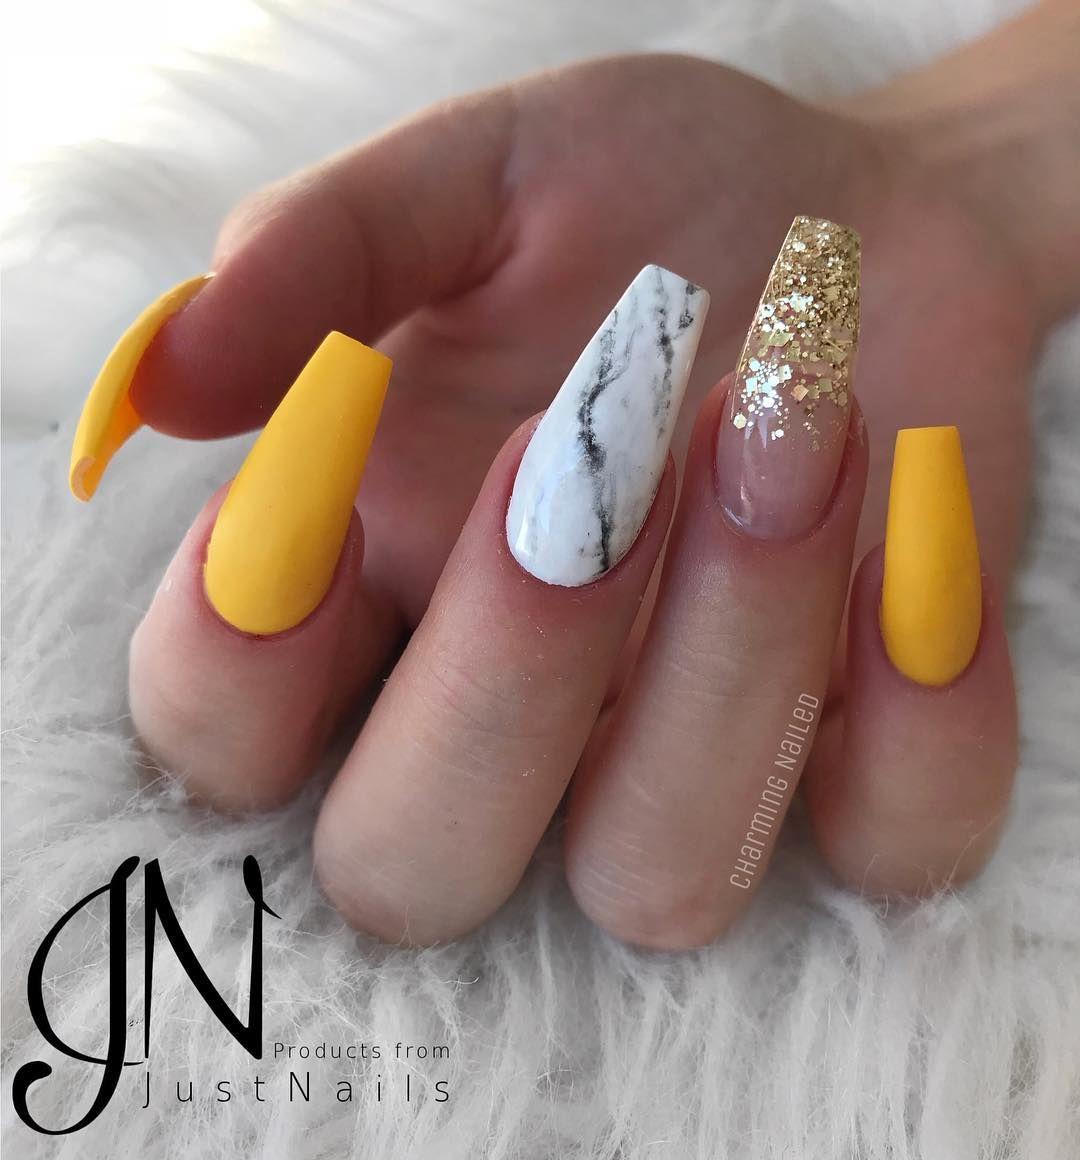 Yellow Daisies Nails Nails Acrylic Nails Fall Nails Design Nails Winter Nails Winter Christm Pretty Acrylic Nails Winter Nails Acrylic Yellow Nails Design